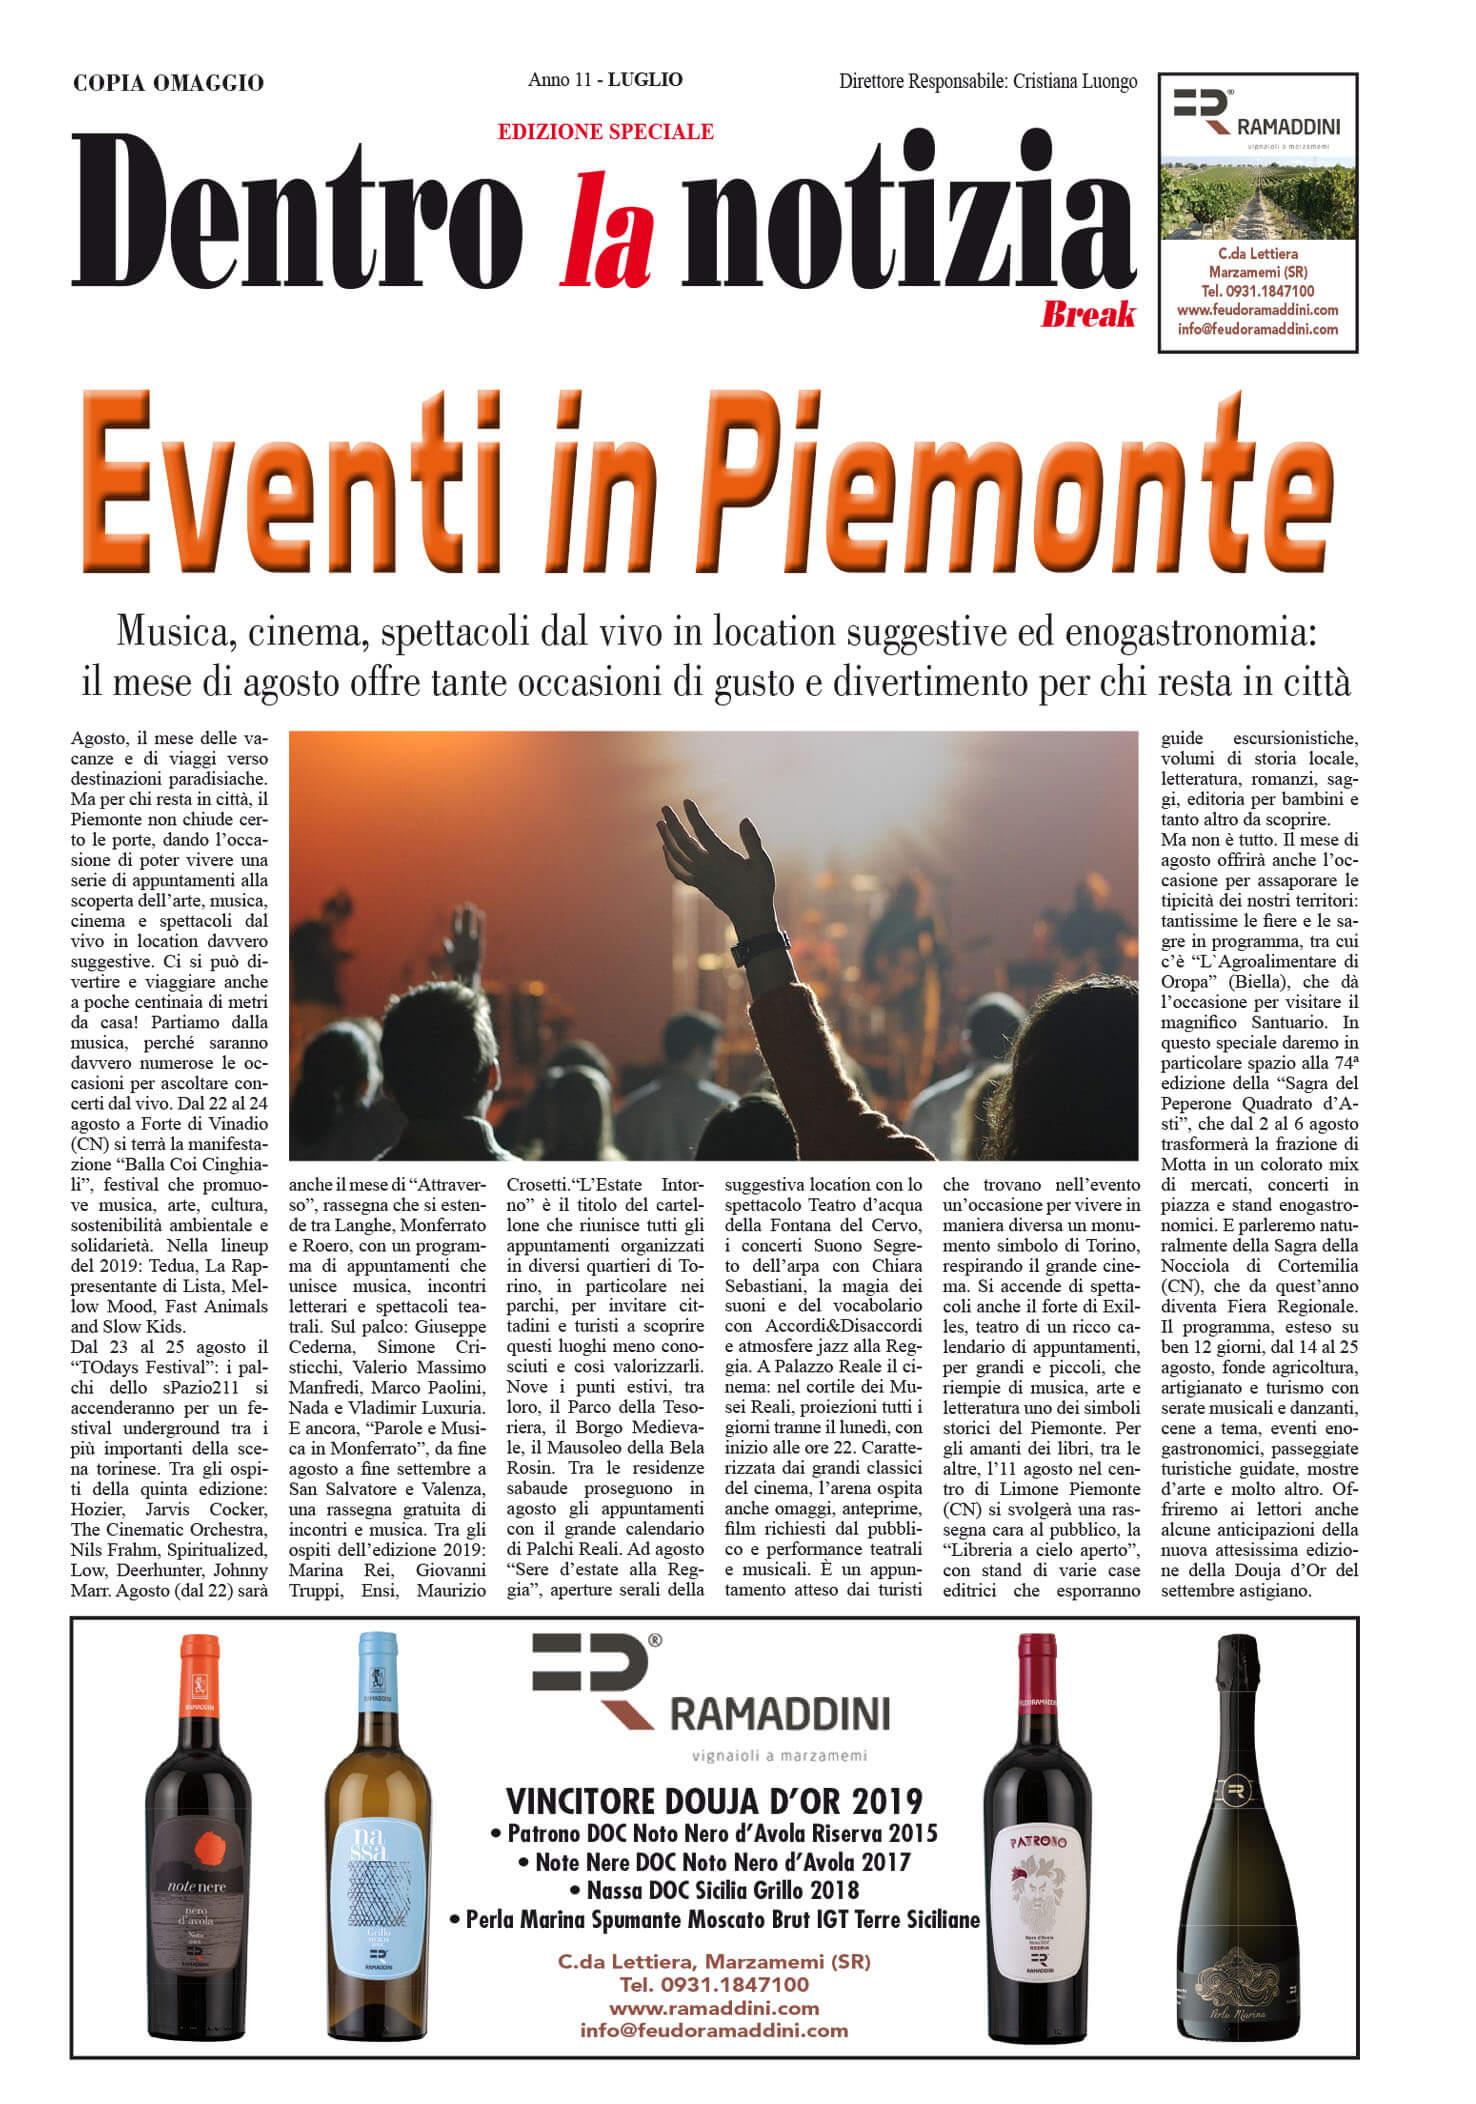 EVENTI IN PIEMONTE